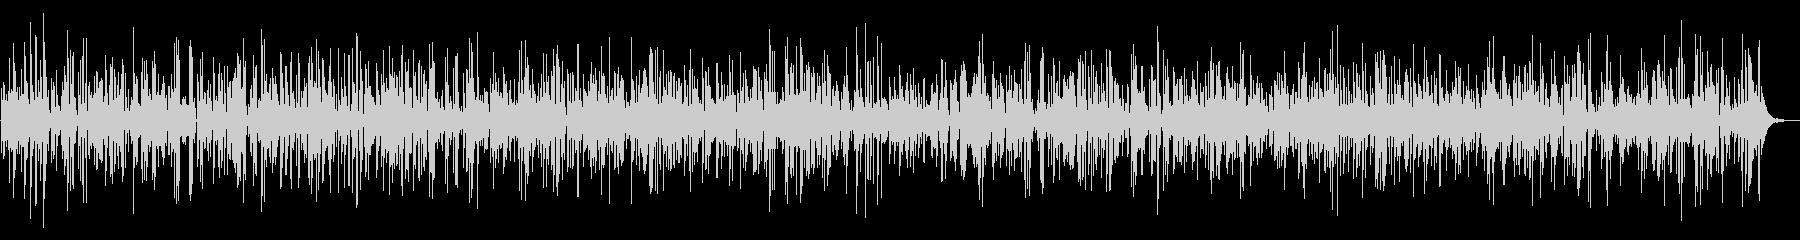 ジャズ|しっとりお洒落なジャズバーBGMの未再生の波形